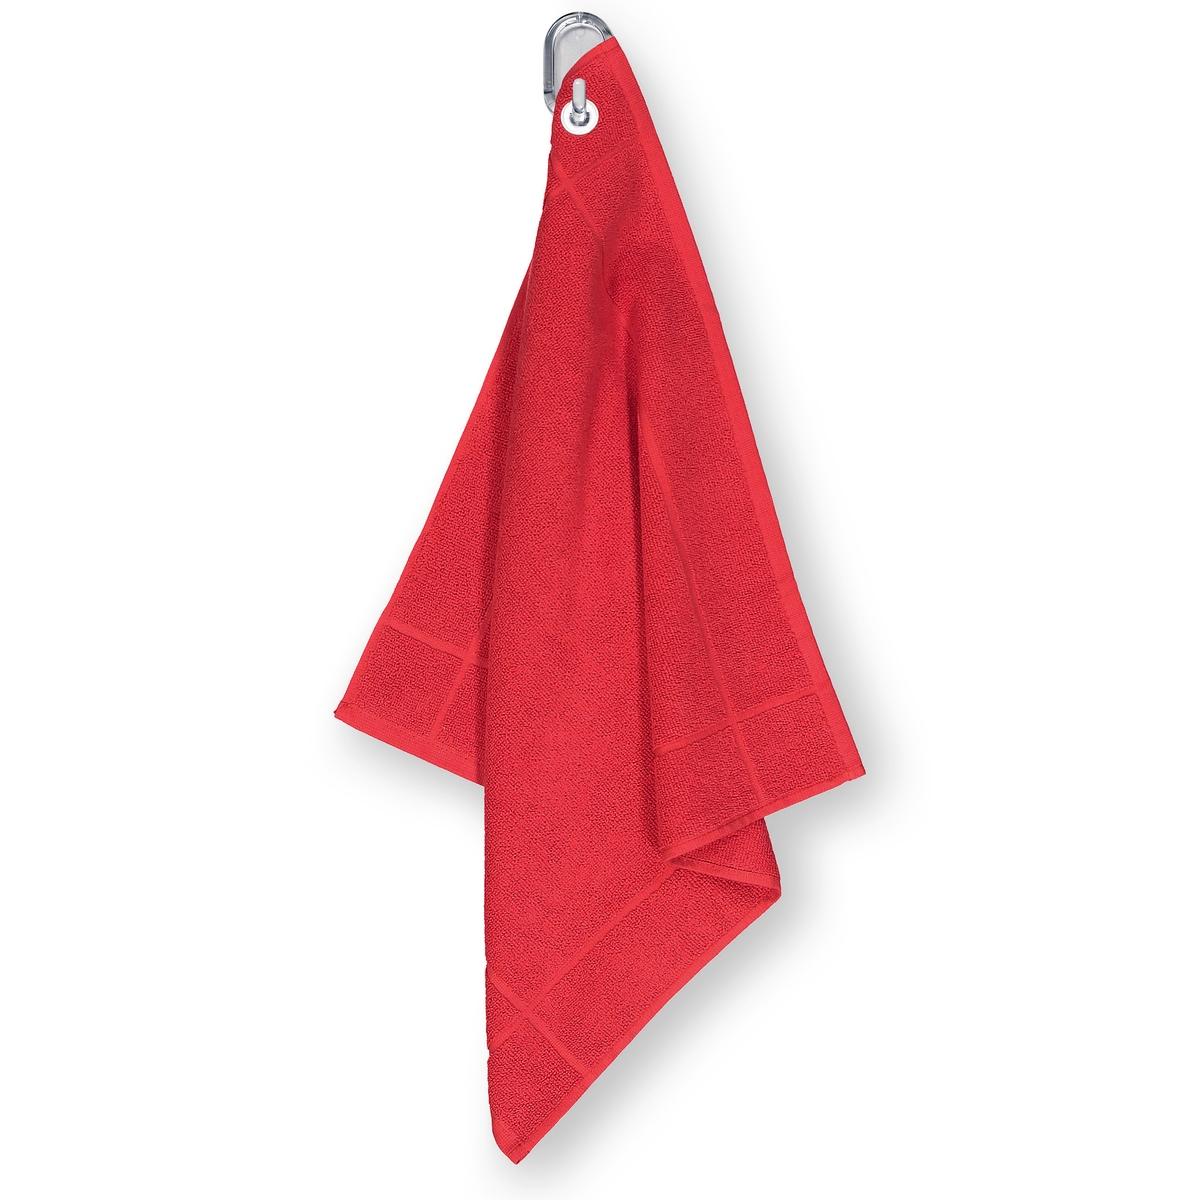 Полотенце La Redoute Для рук из махровой ткани 100 хлопок с люверсом единый размер красный комплект из банных принадлежностей la redoute из махровой ткани гм scenario единый размер белый